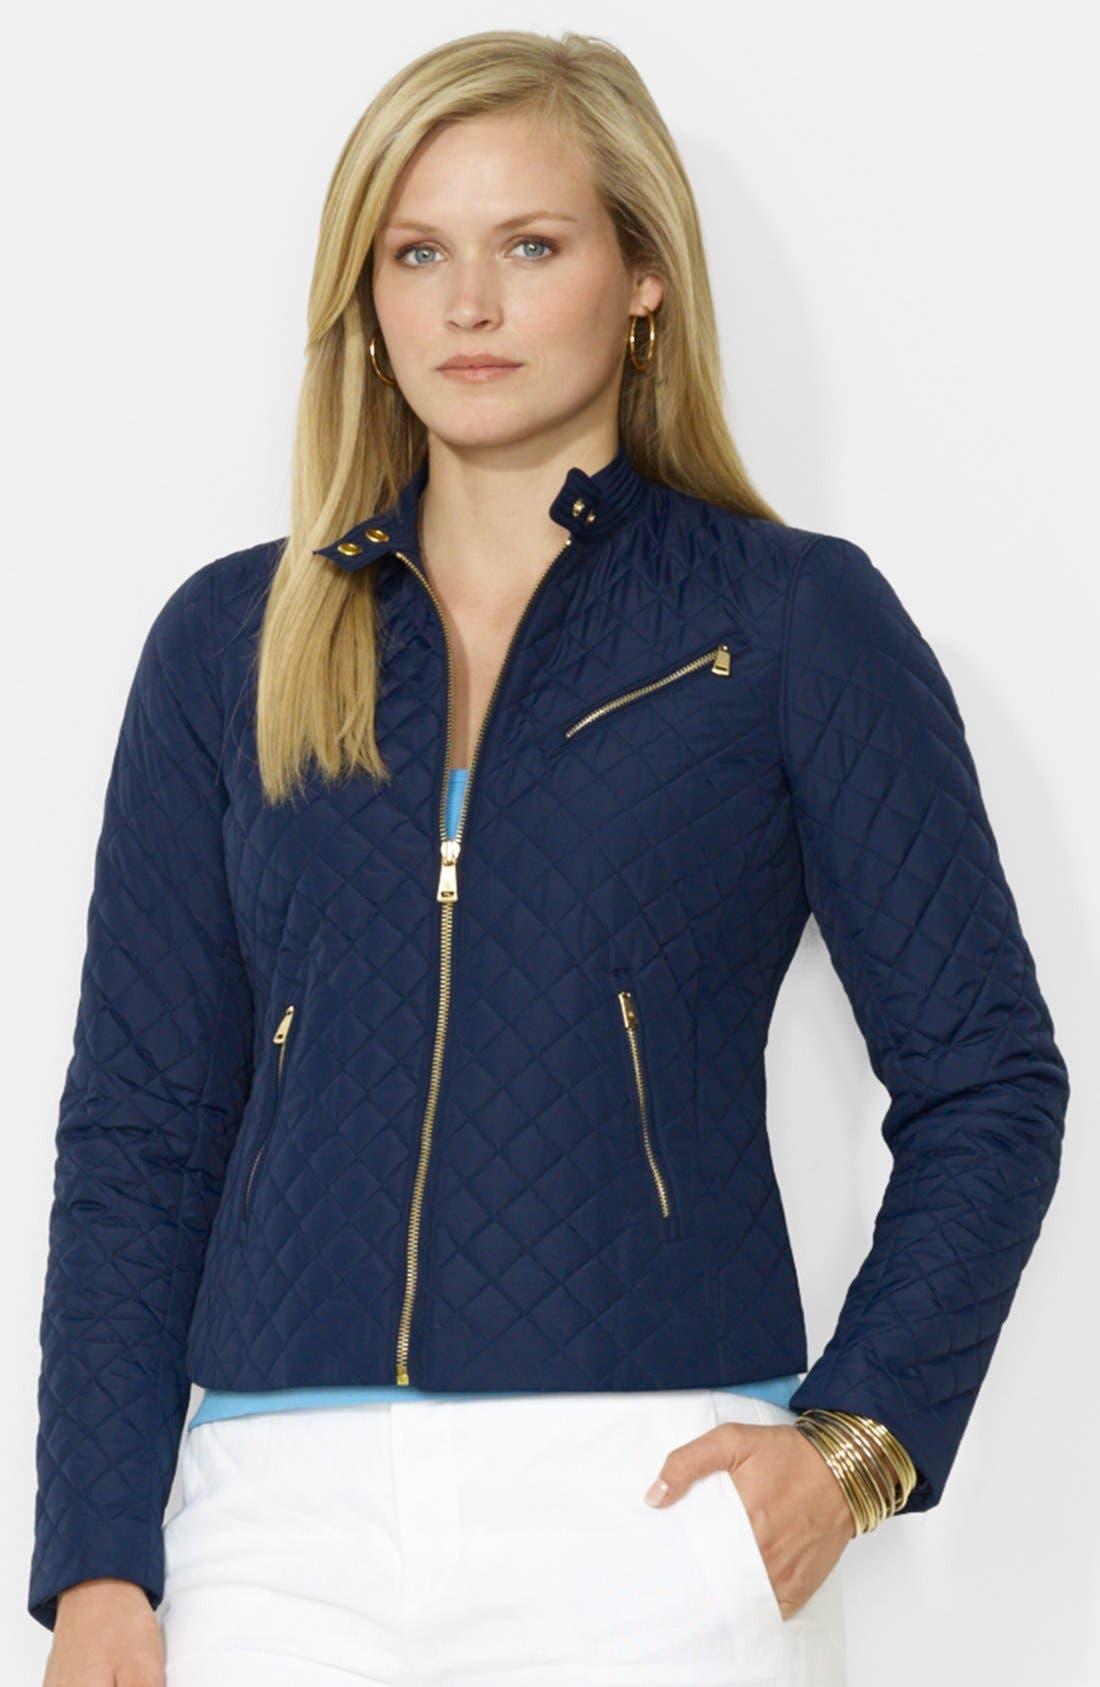 Alternate Image 1 Selected - Lauren Ralph Lauren Quilted Zip Front Hip Length Jacket (Plus Size)